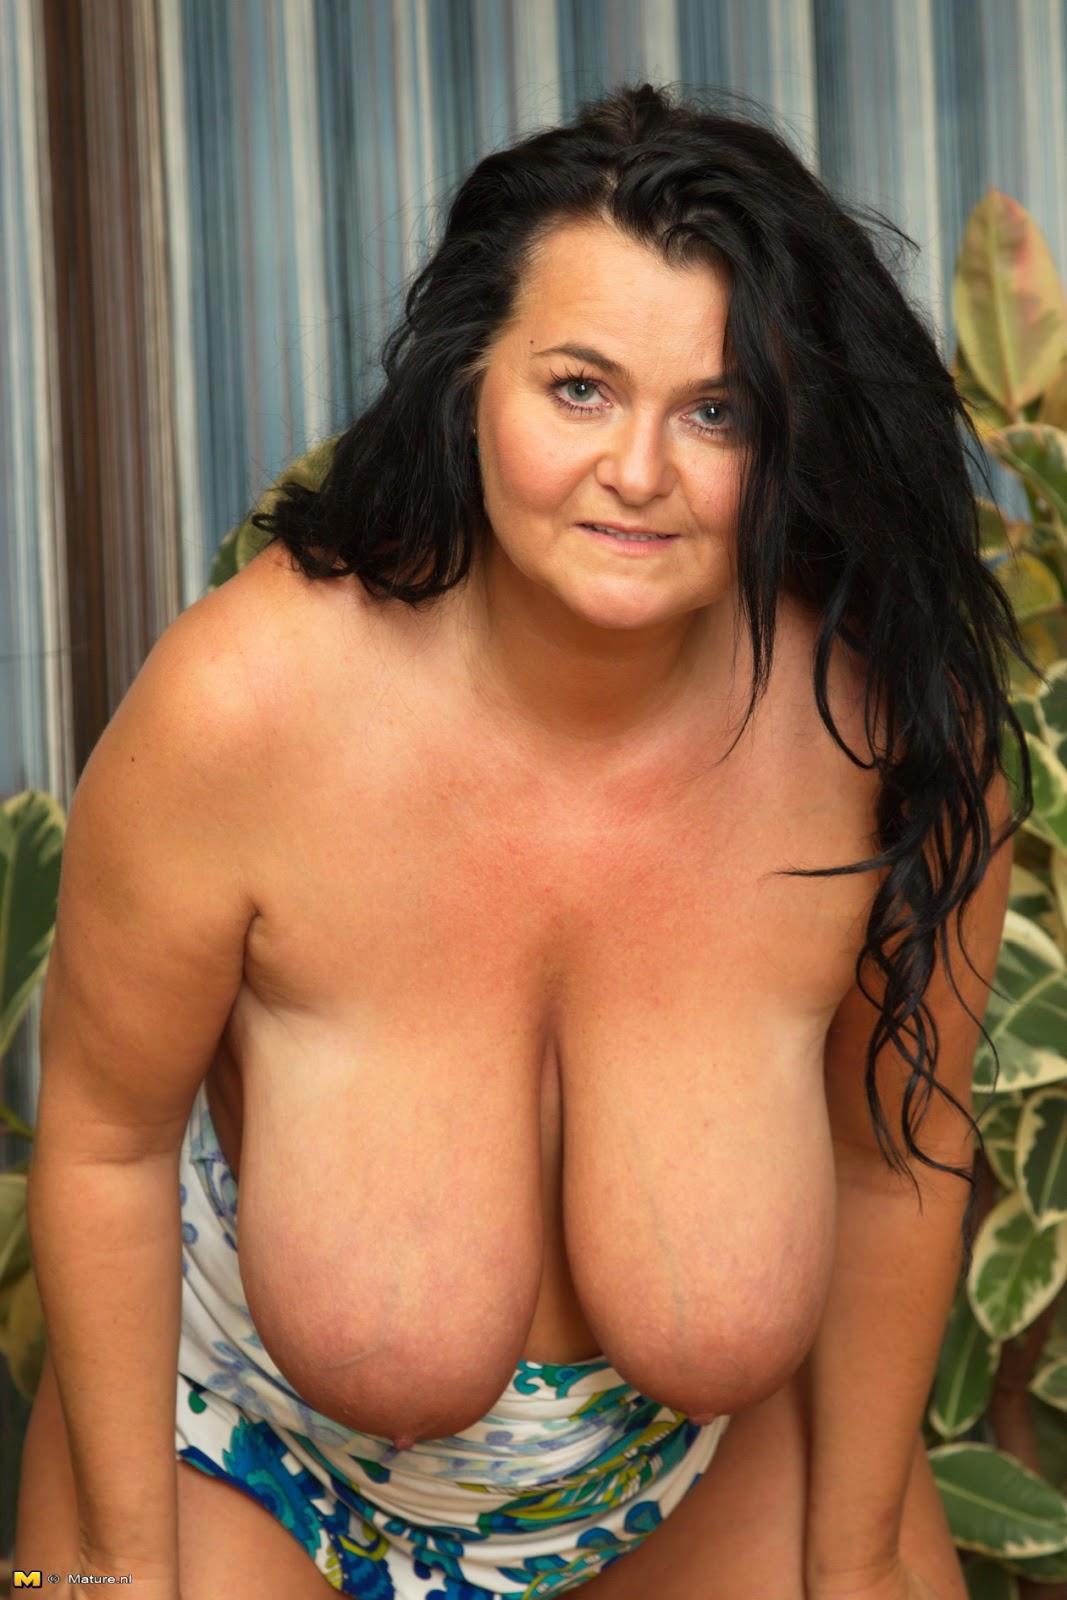 giada boobs naked